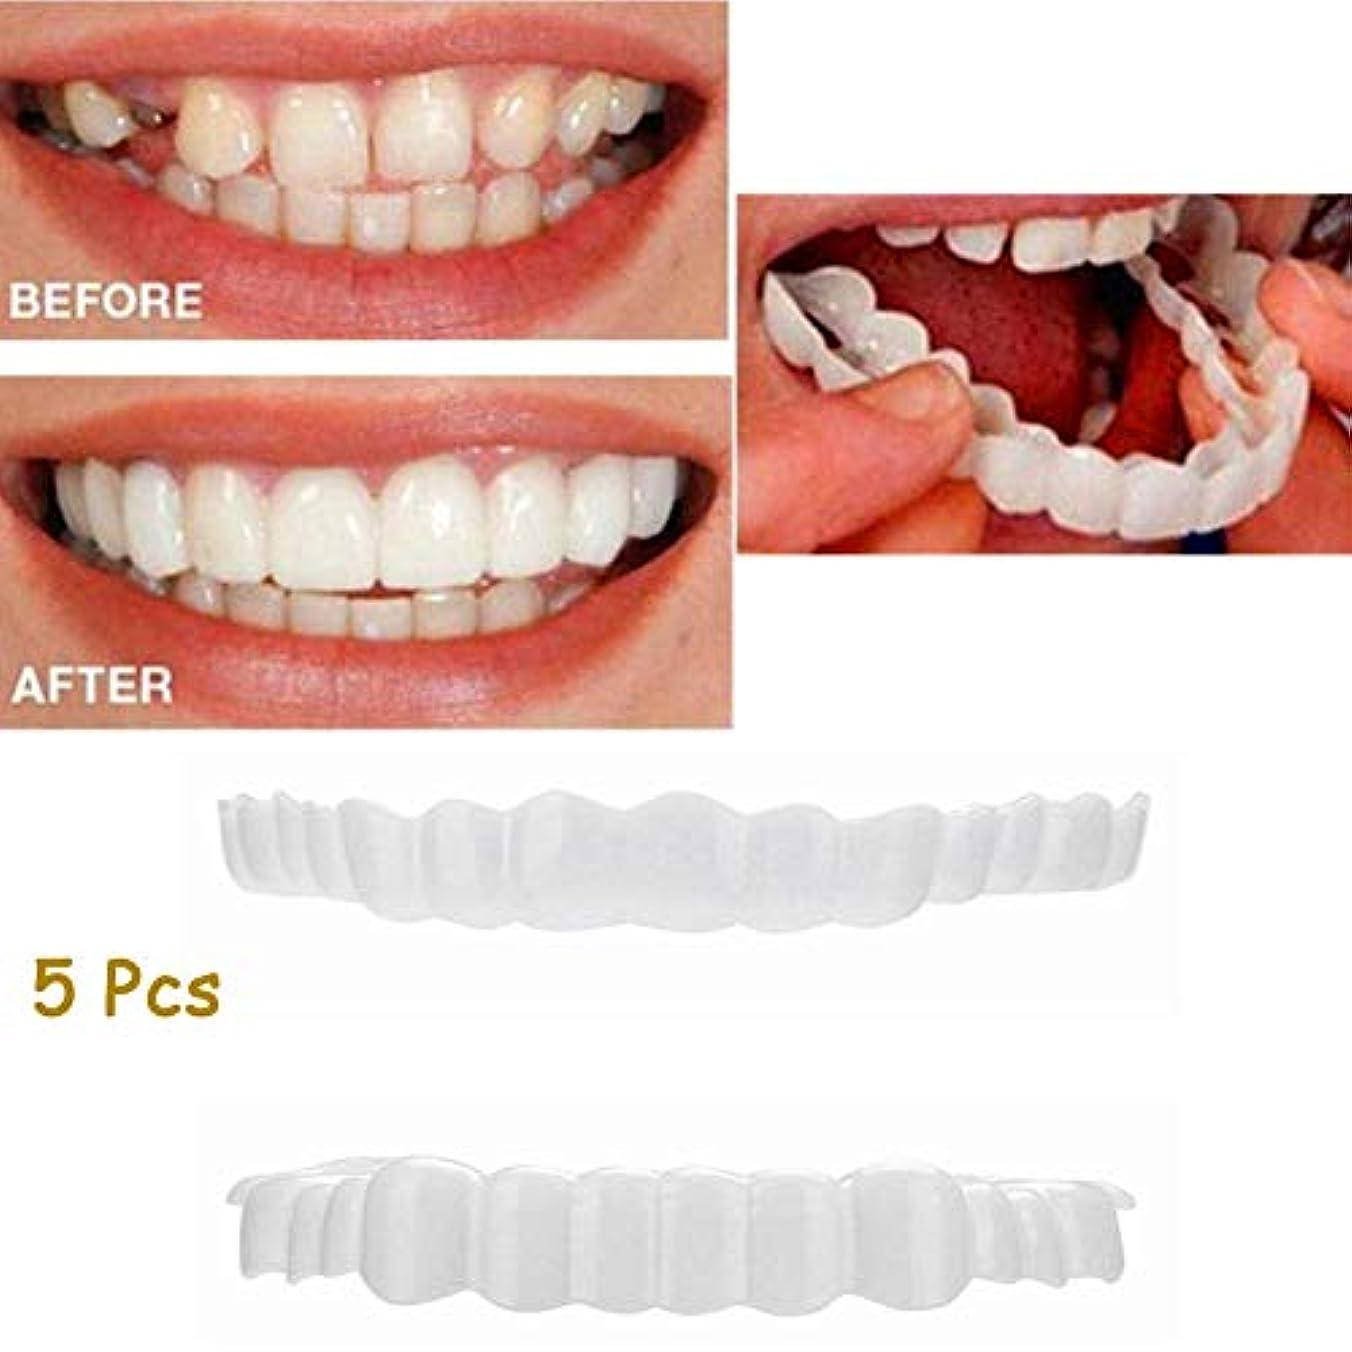 5本の上歯+下歯セット偽の歯を白くする完璧な化粧品の歯